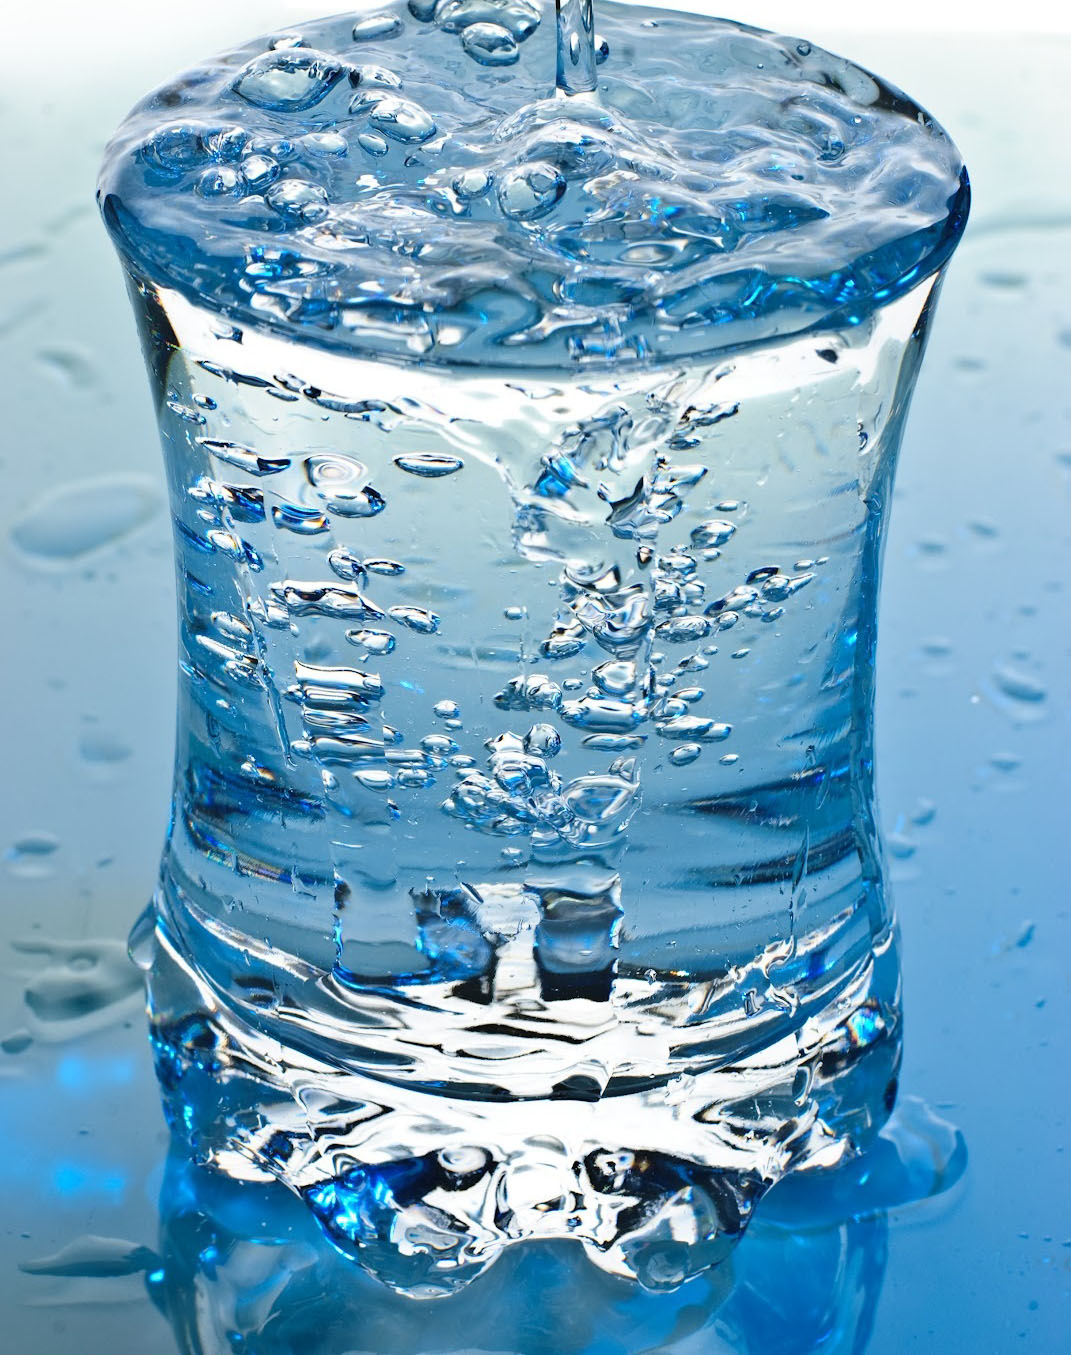 Санитарно-бактериологический анализ воды, химический и бактериологический анализ